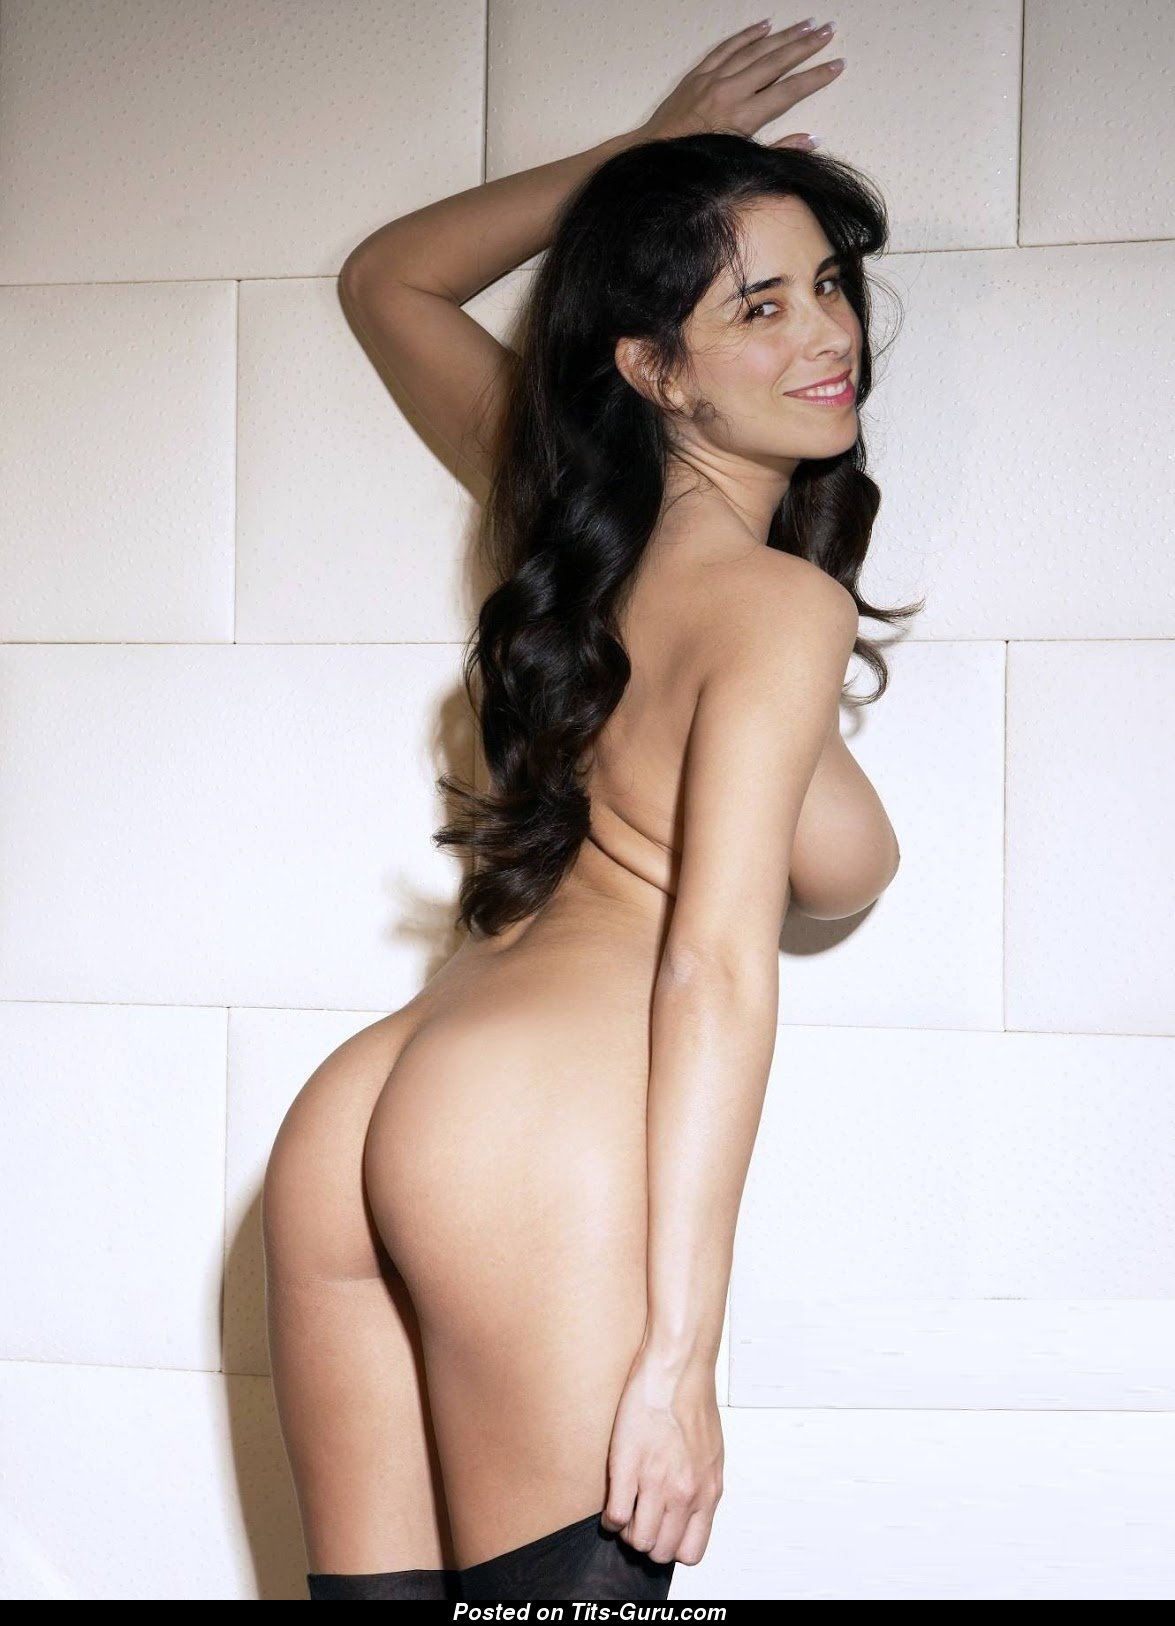 Sarah silverman naked big tits fake photos 157